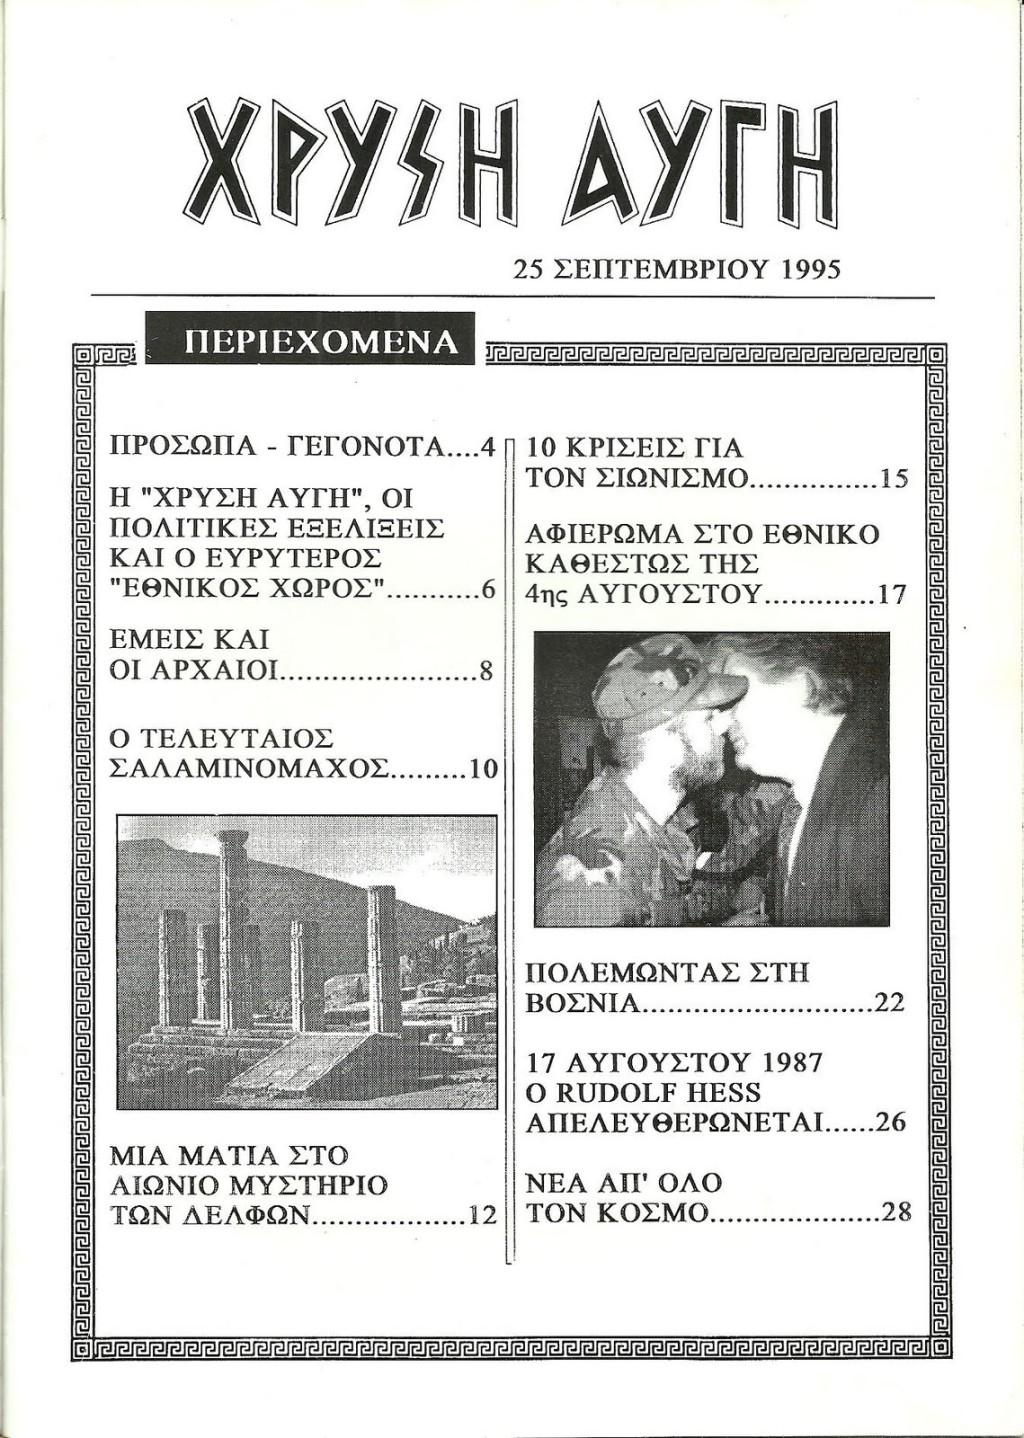 ΔΚ, Πολεμώντας στη Βοσνία, Περιοδικό Χρυσή Αυγή, τχ#088, Σεπτέμβριος 1995, σ. 2, Περιεχόμενα